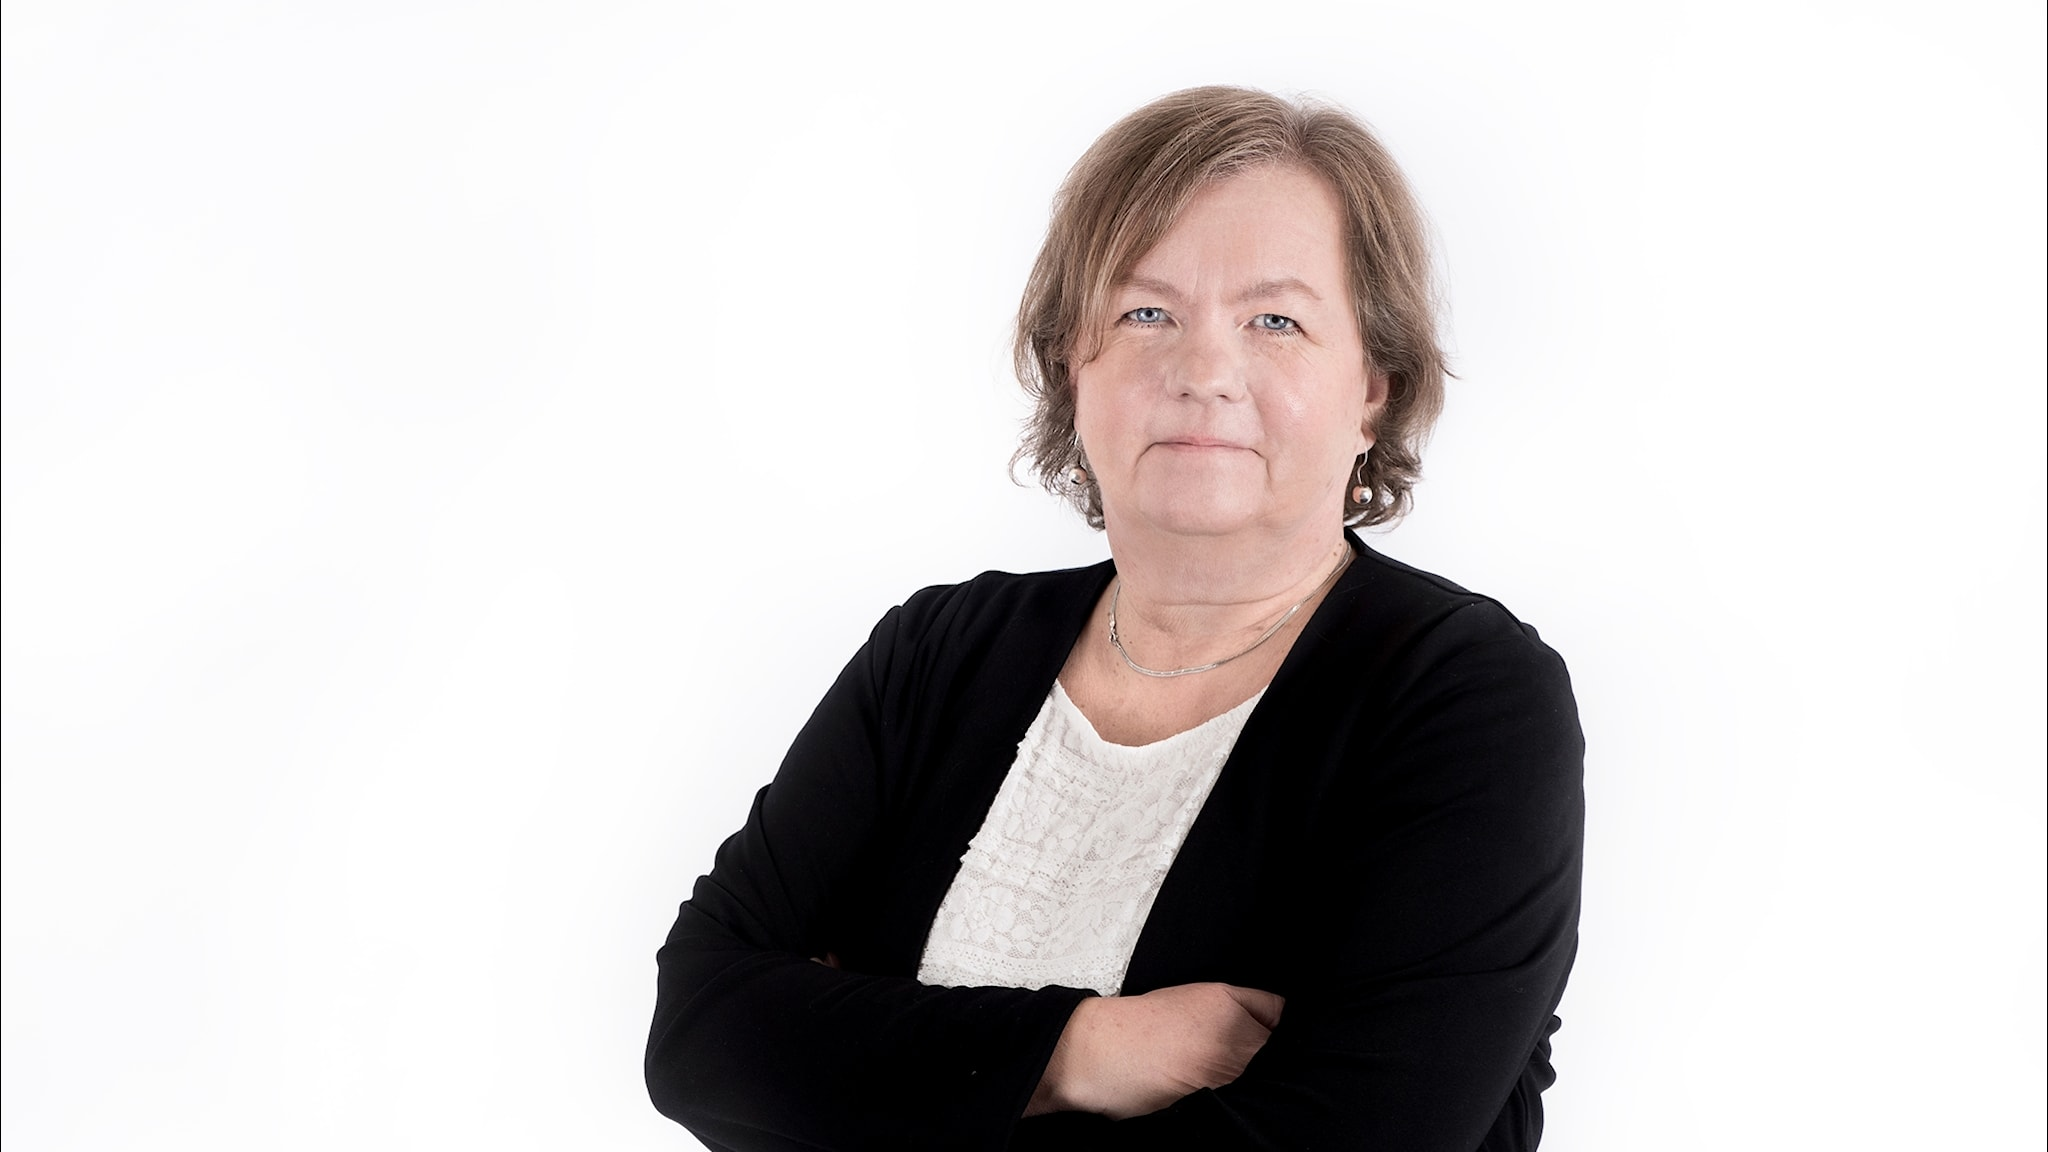 Mona Mörtlund - Jag korsar gränser oupphörligen